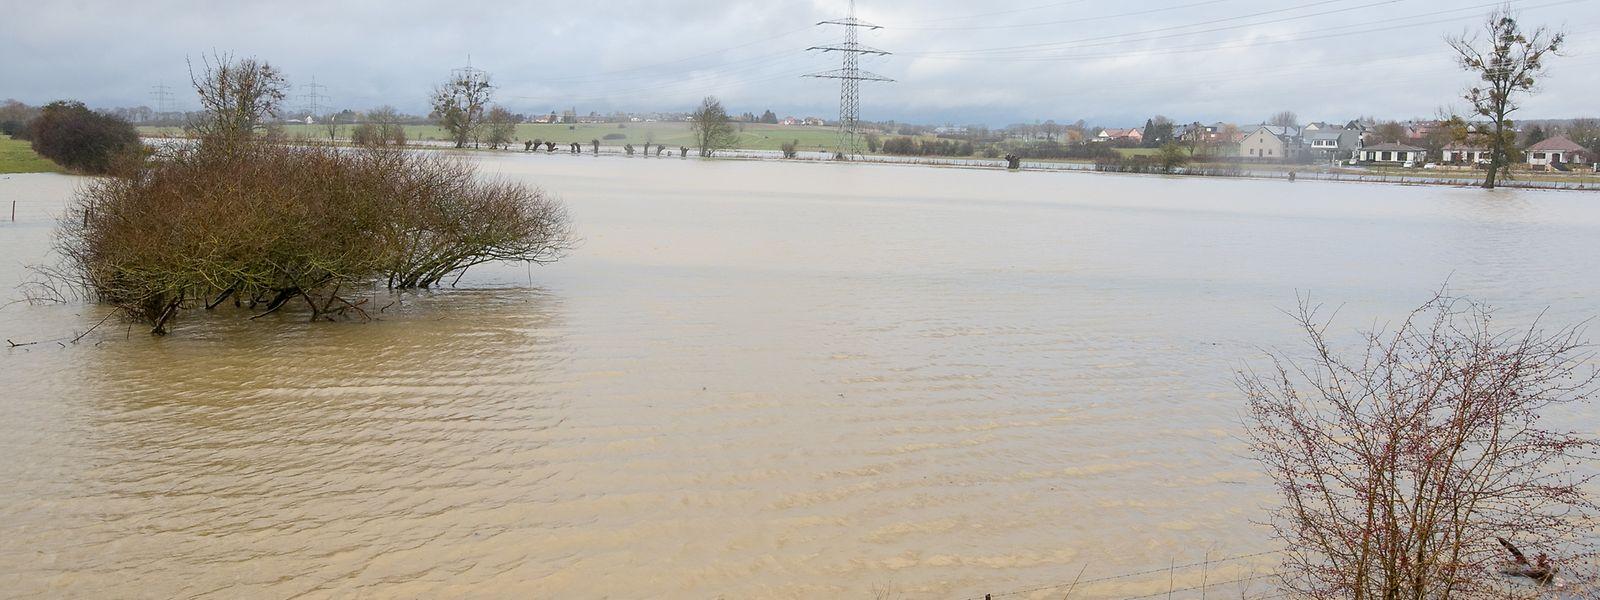 Starker Regen führte am Sonntag in Luxemburg zu lokalen Überschwemmungen, wie hier in Hüncheringen.